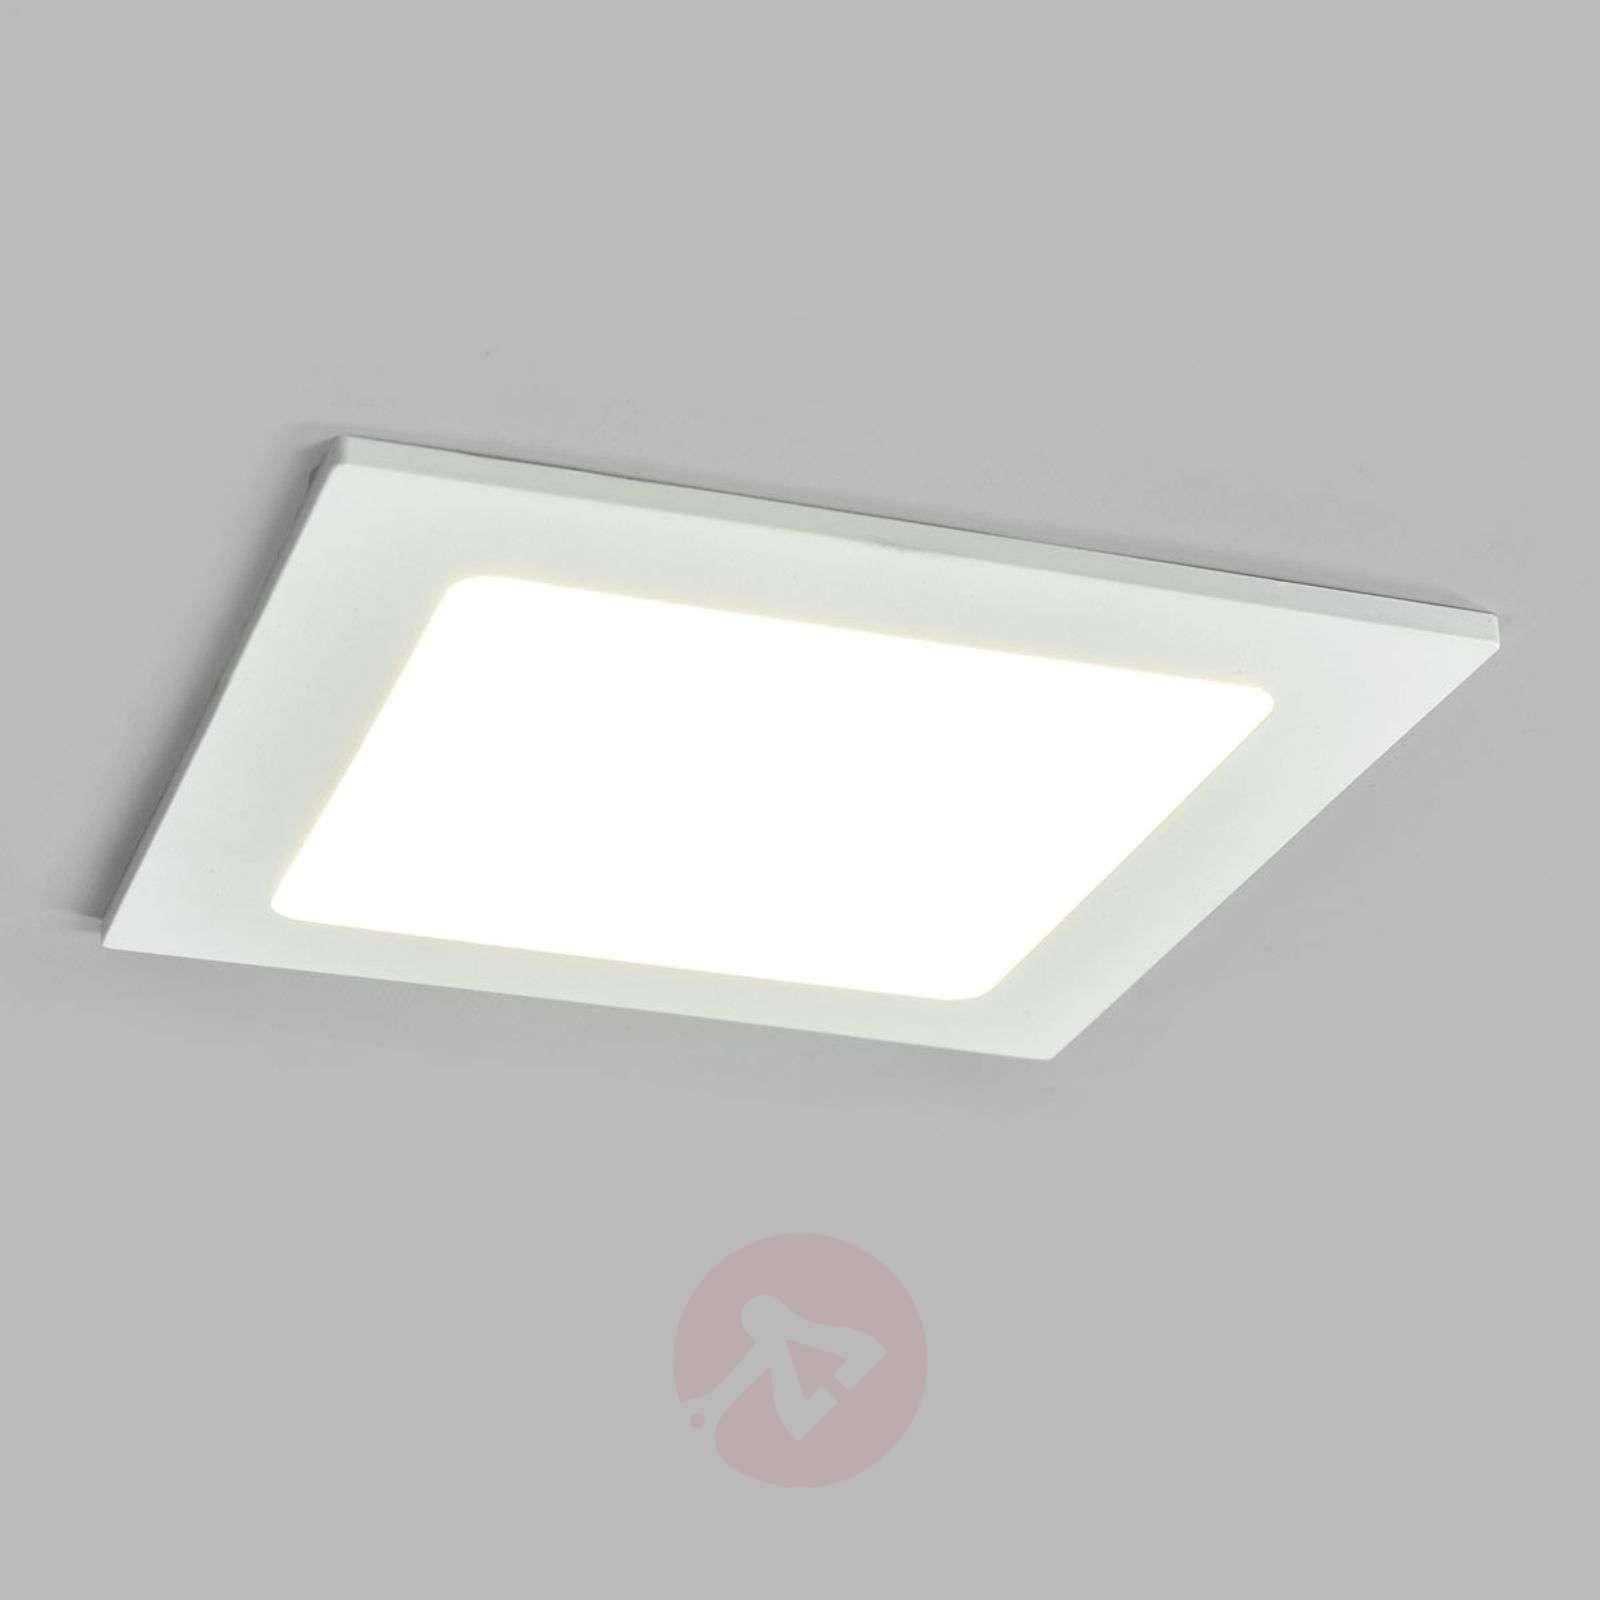 LED-kohdevalo Joki valkoinen 4000K kulmikas 16,5cm-9978061-02